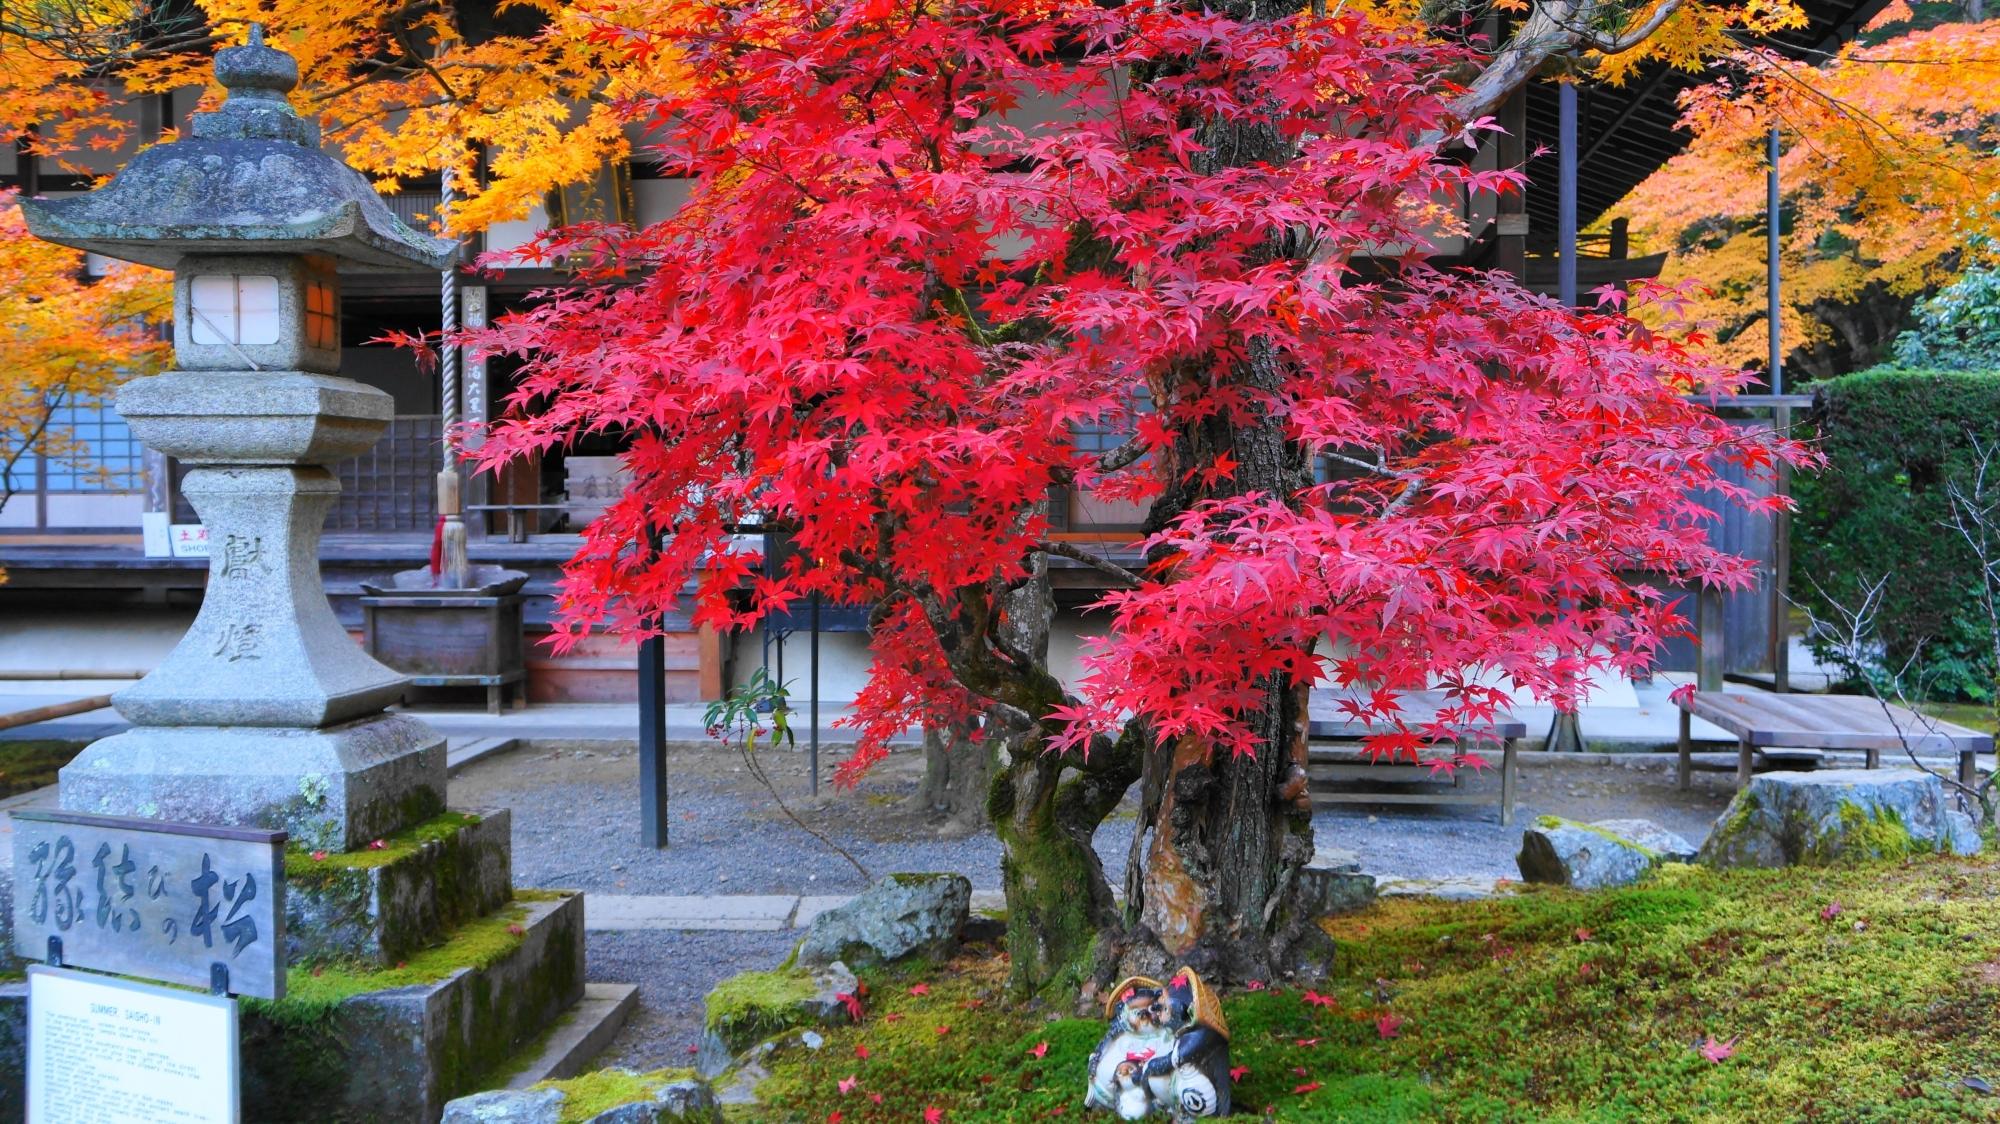 溢れる色とりどりの紅葉を見上げる狸